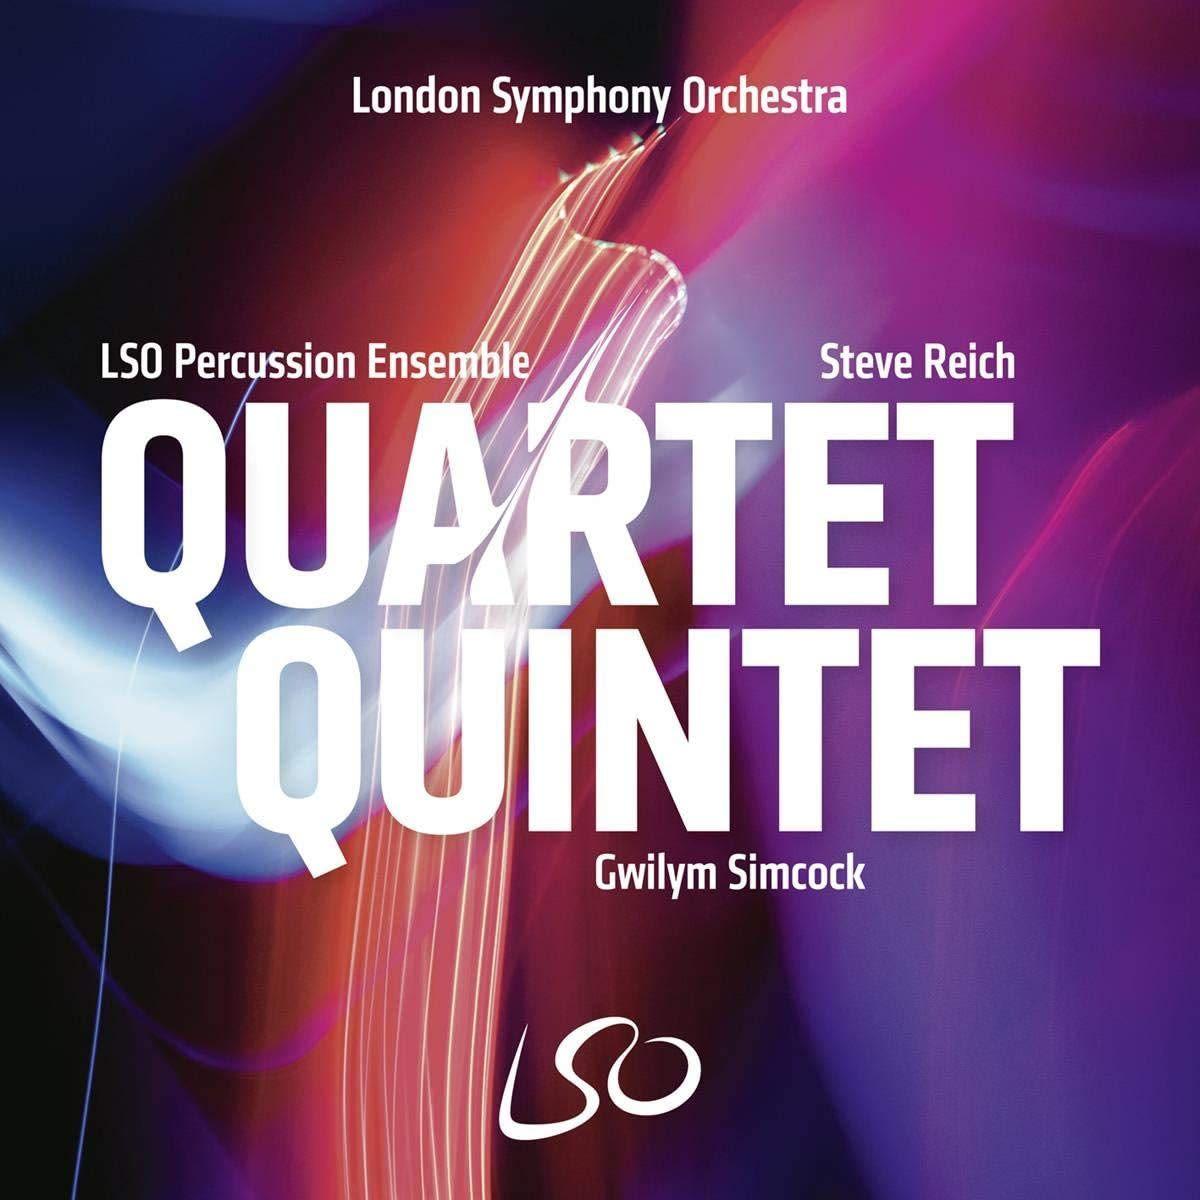 Photo No.1 of Lso Percussion Ensemble: Quartet Quintet